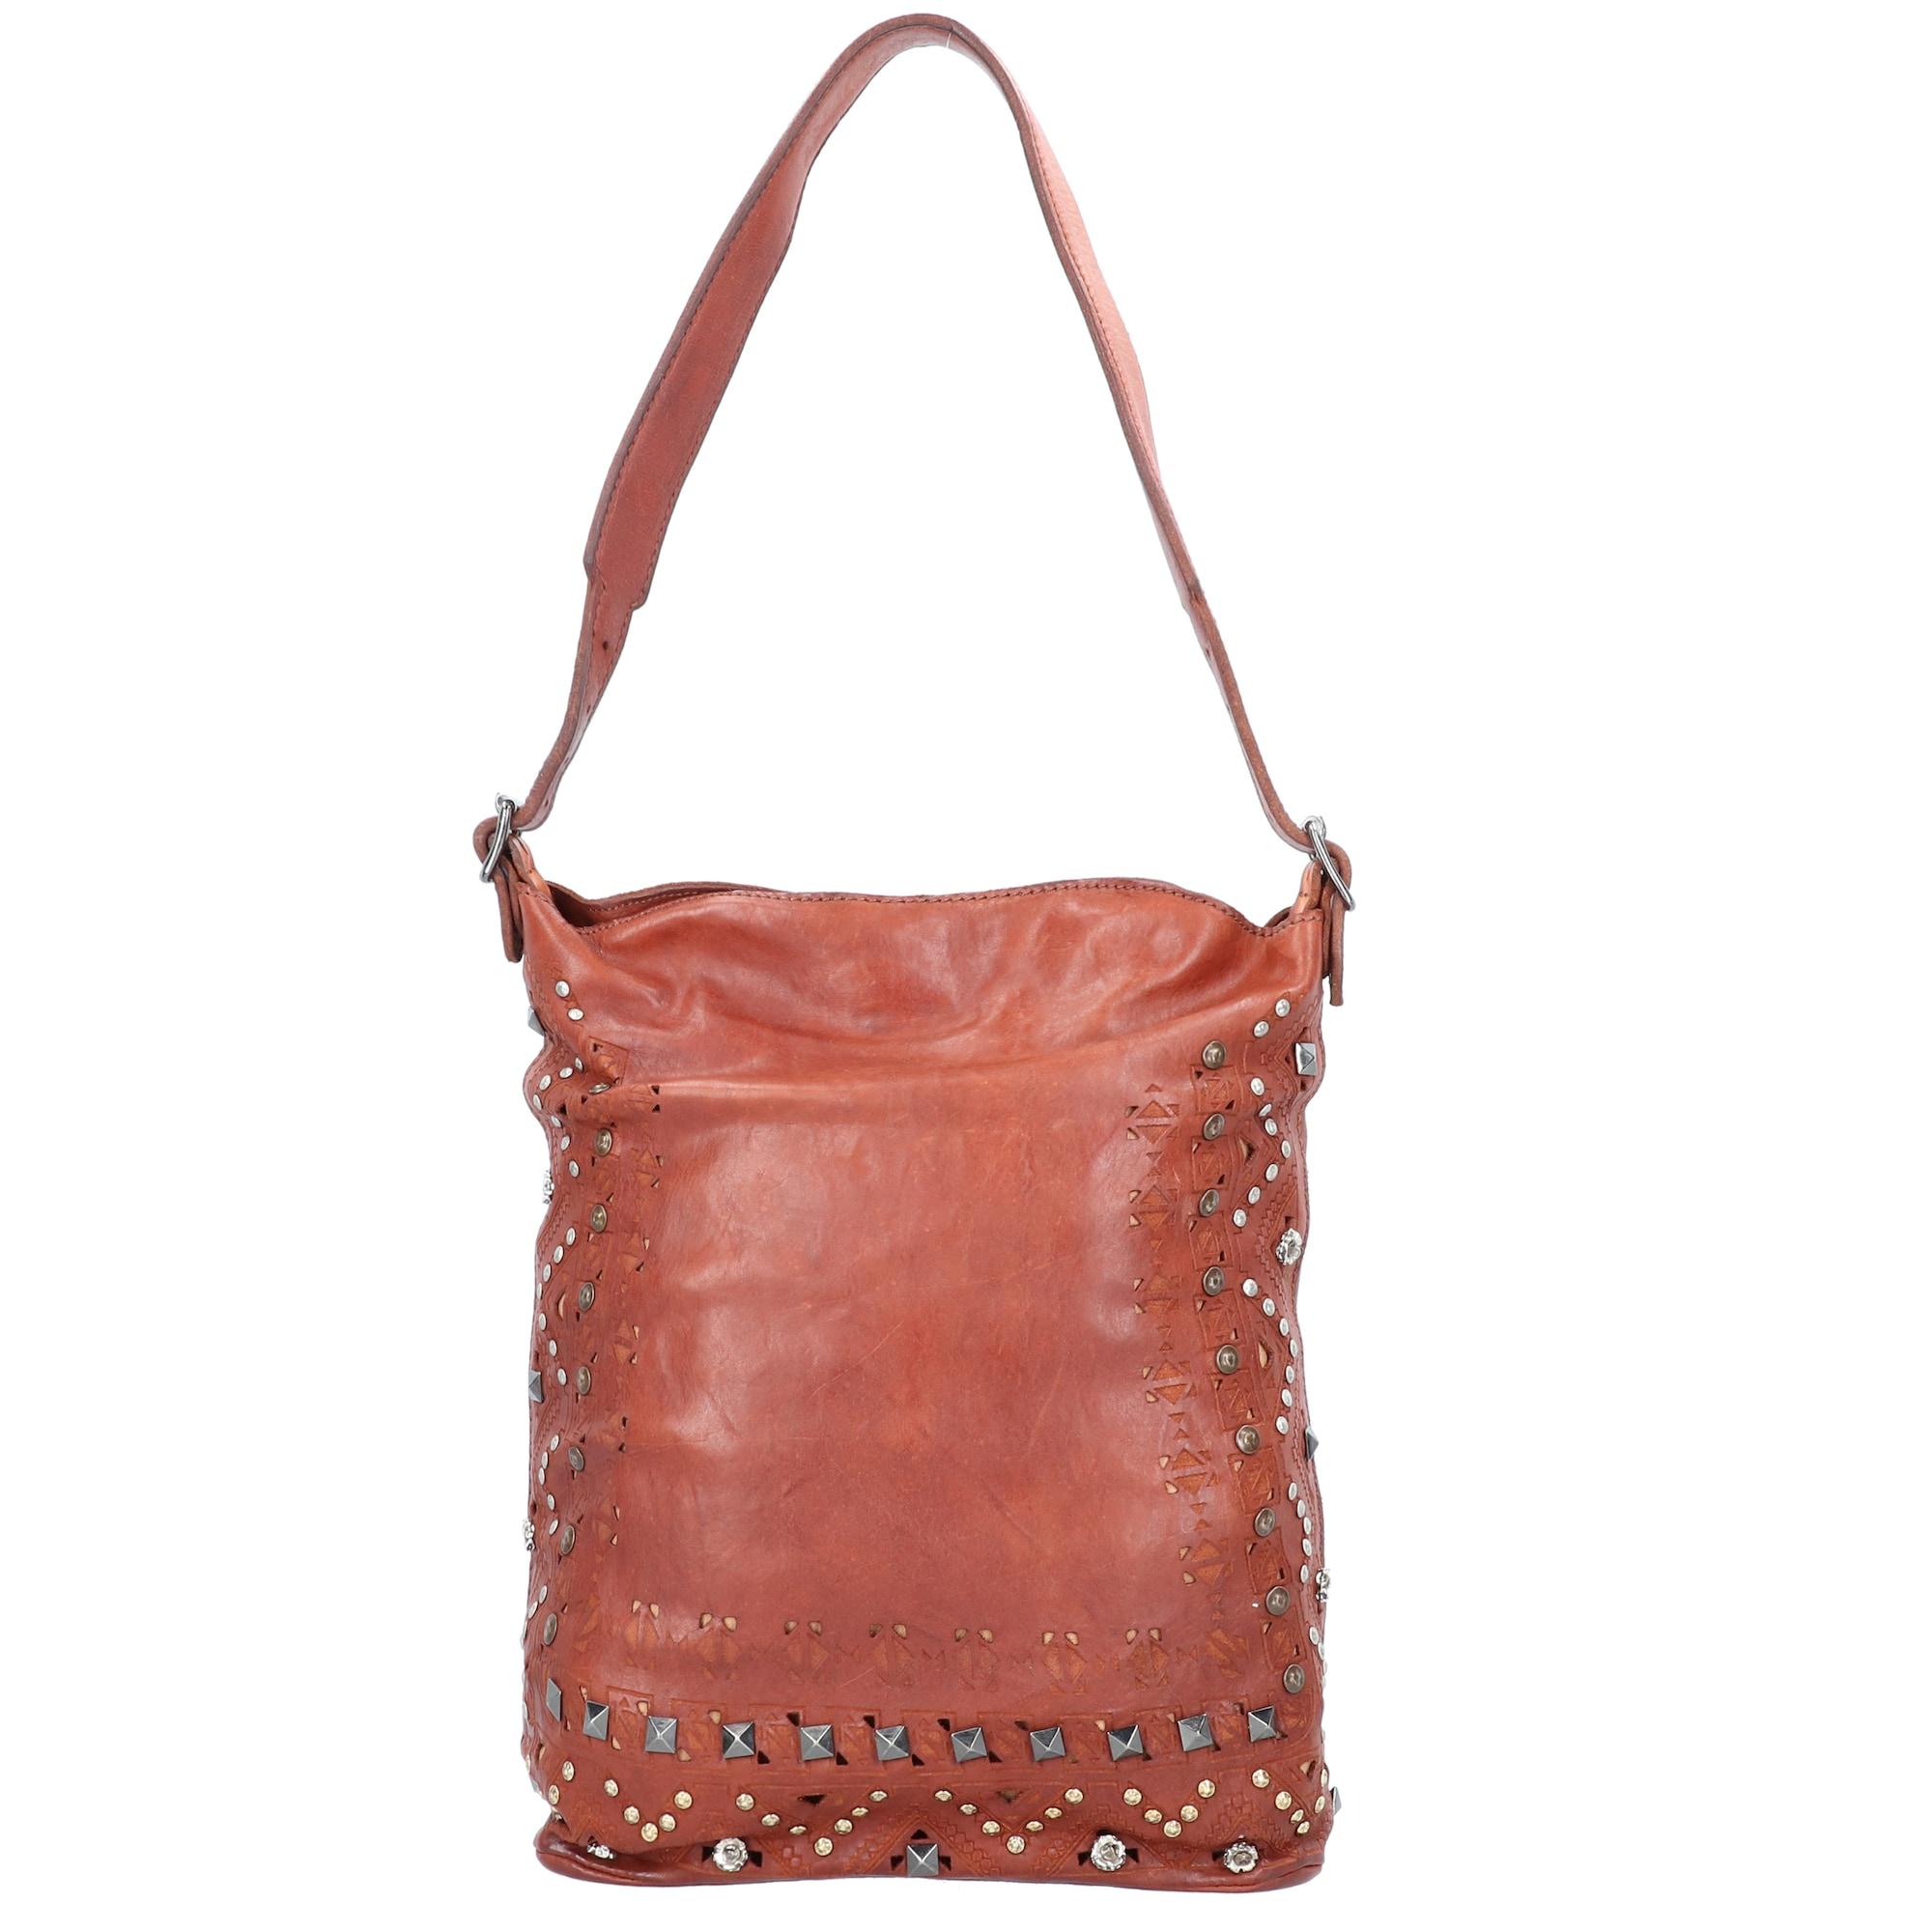 Schultertasche 33 cm | Taschen > Handtaschen > Schultertaschen | Campomaggi